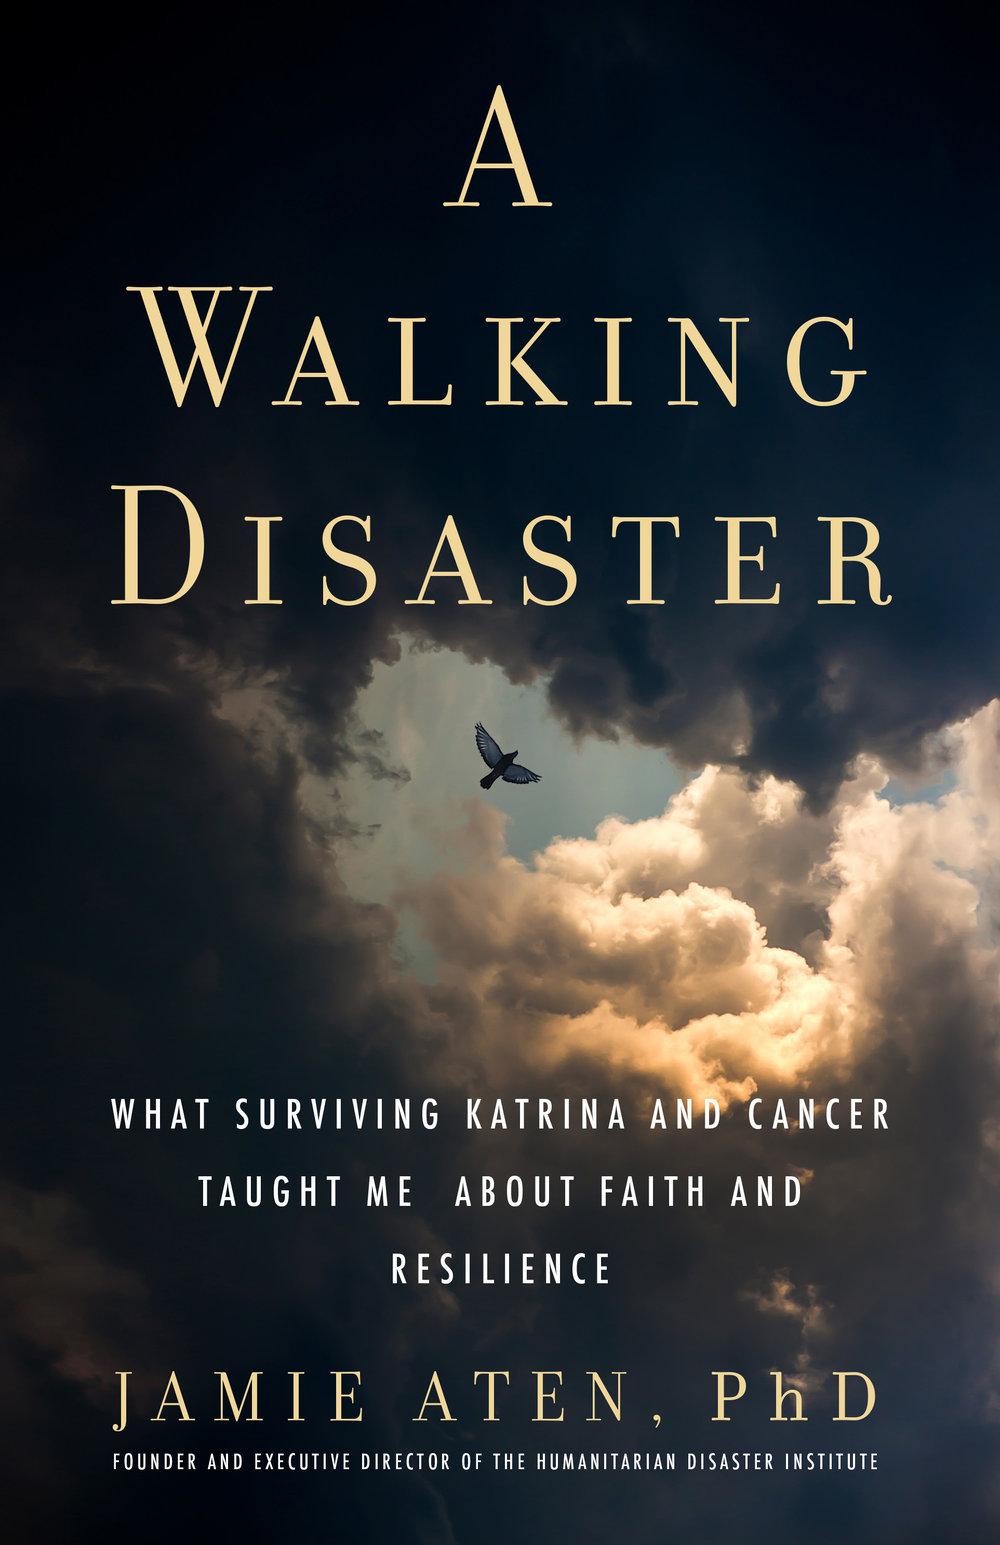 Walking Disaster.jpg